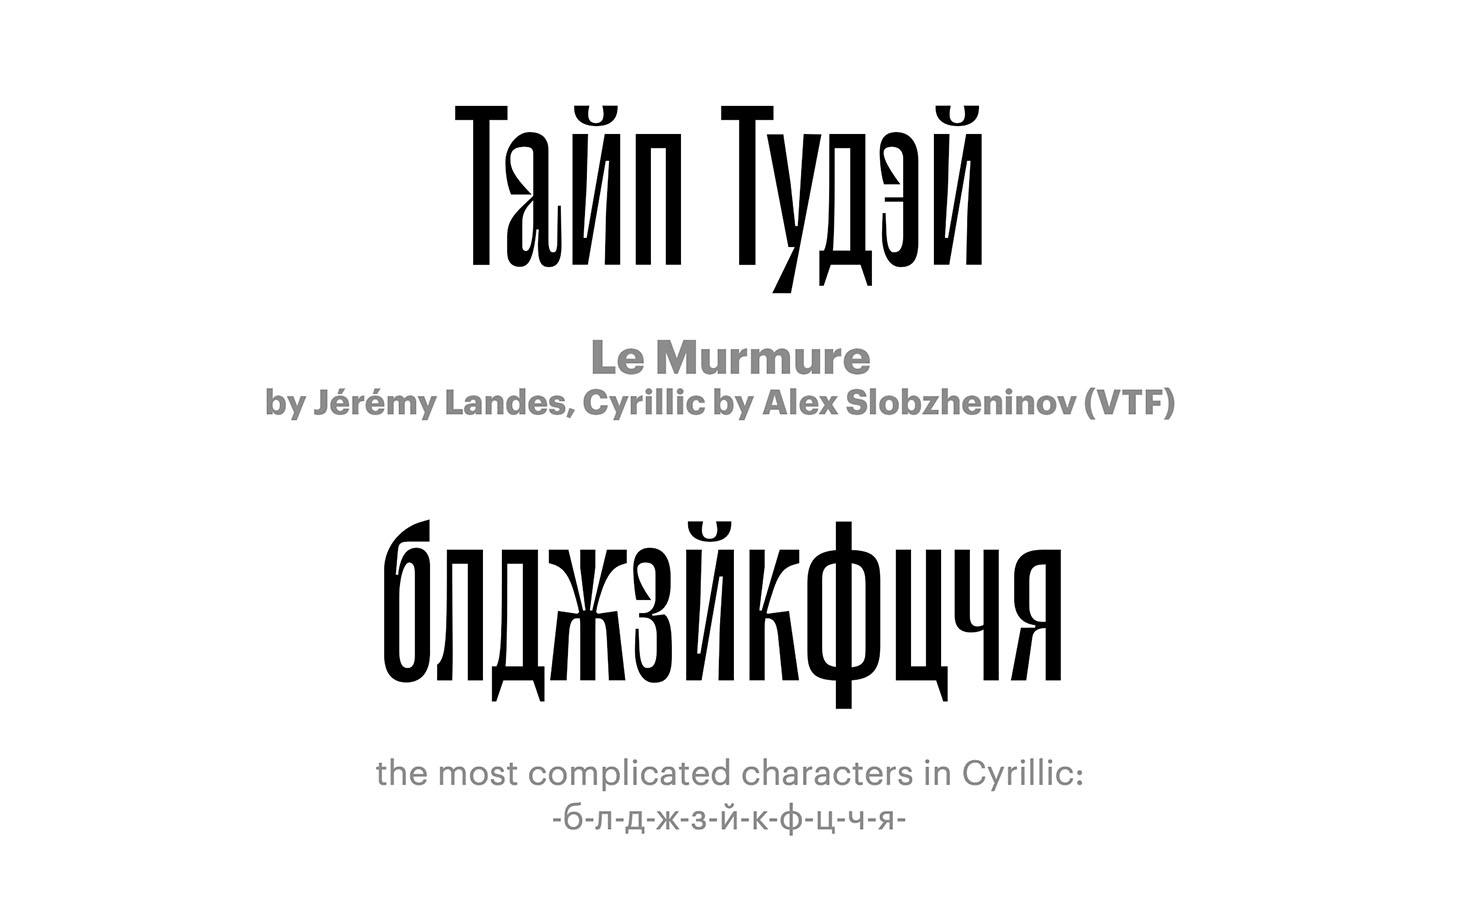 Le-Murmure